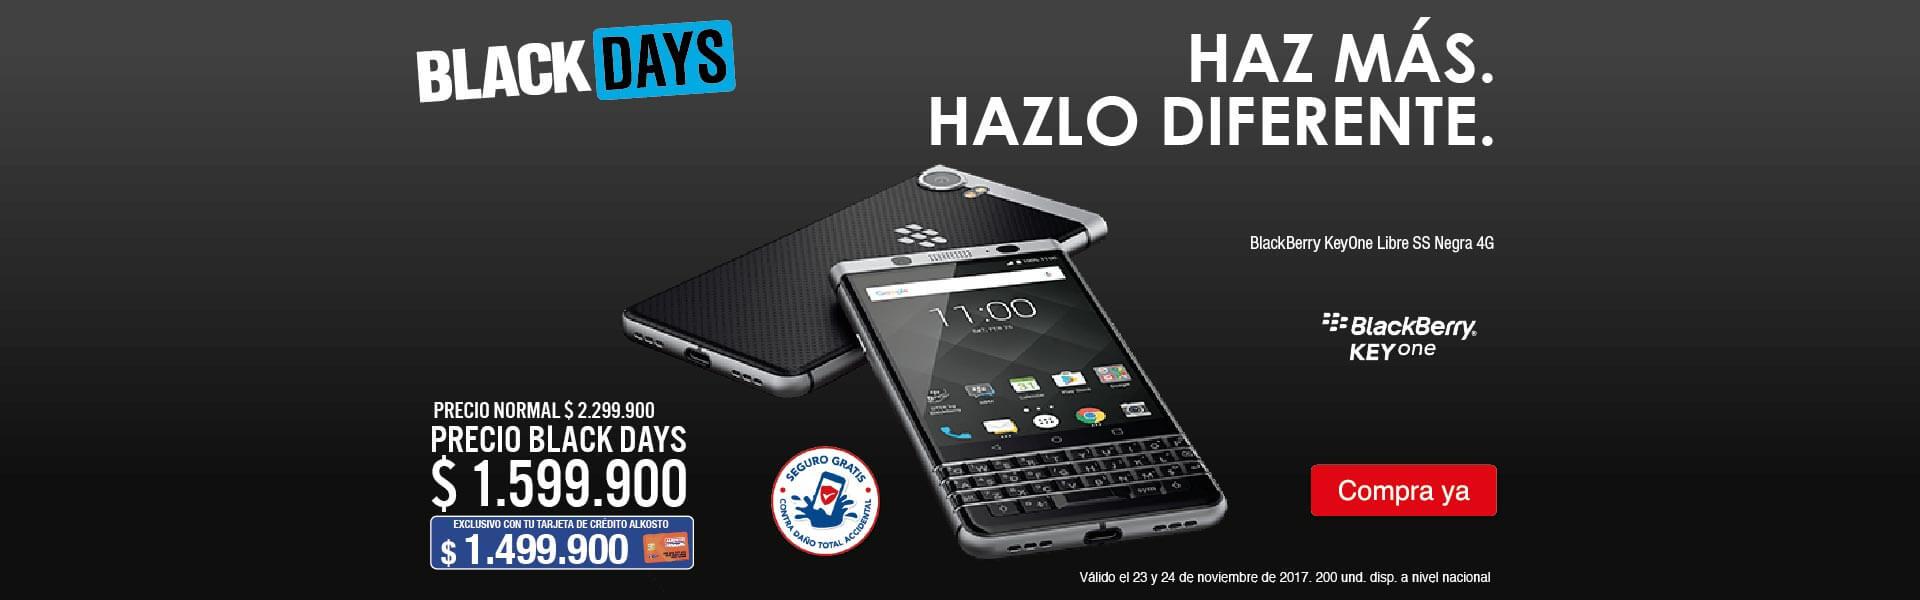 PPAL KT-4-celulares-BLACBERRYKeynote-prod-noviembre-23-24